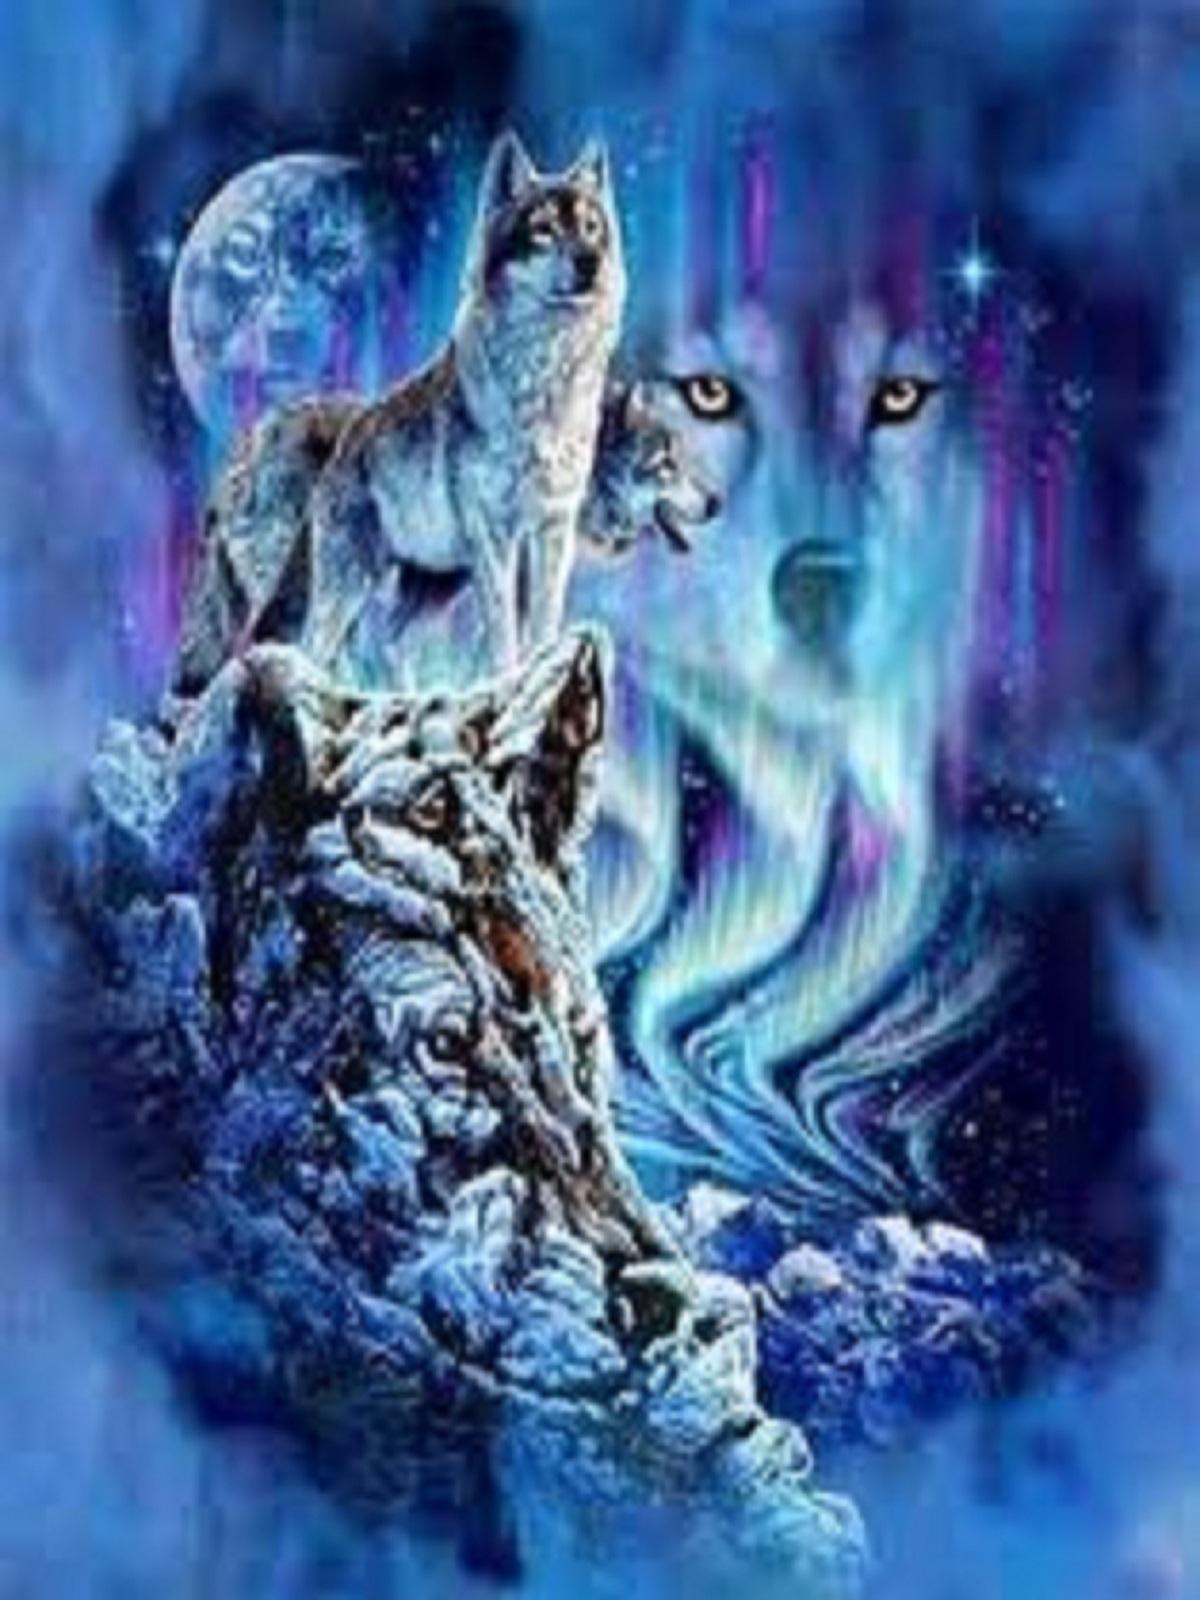 dreamcatcher native wolf spirit wallpaper - photo #15